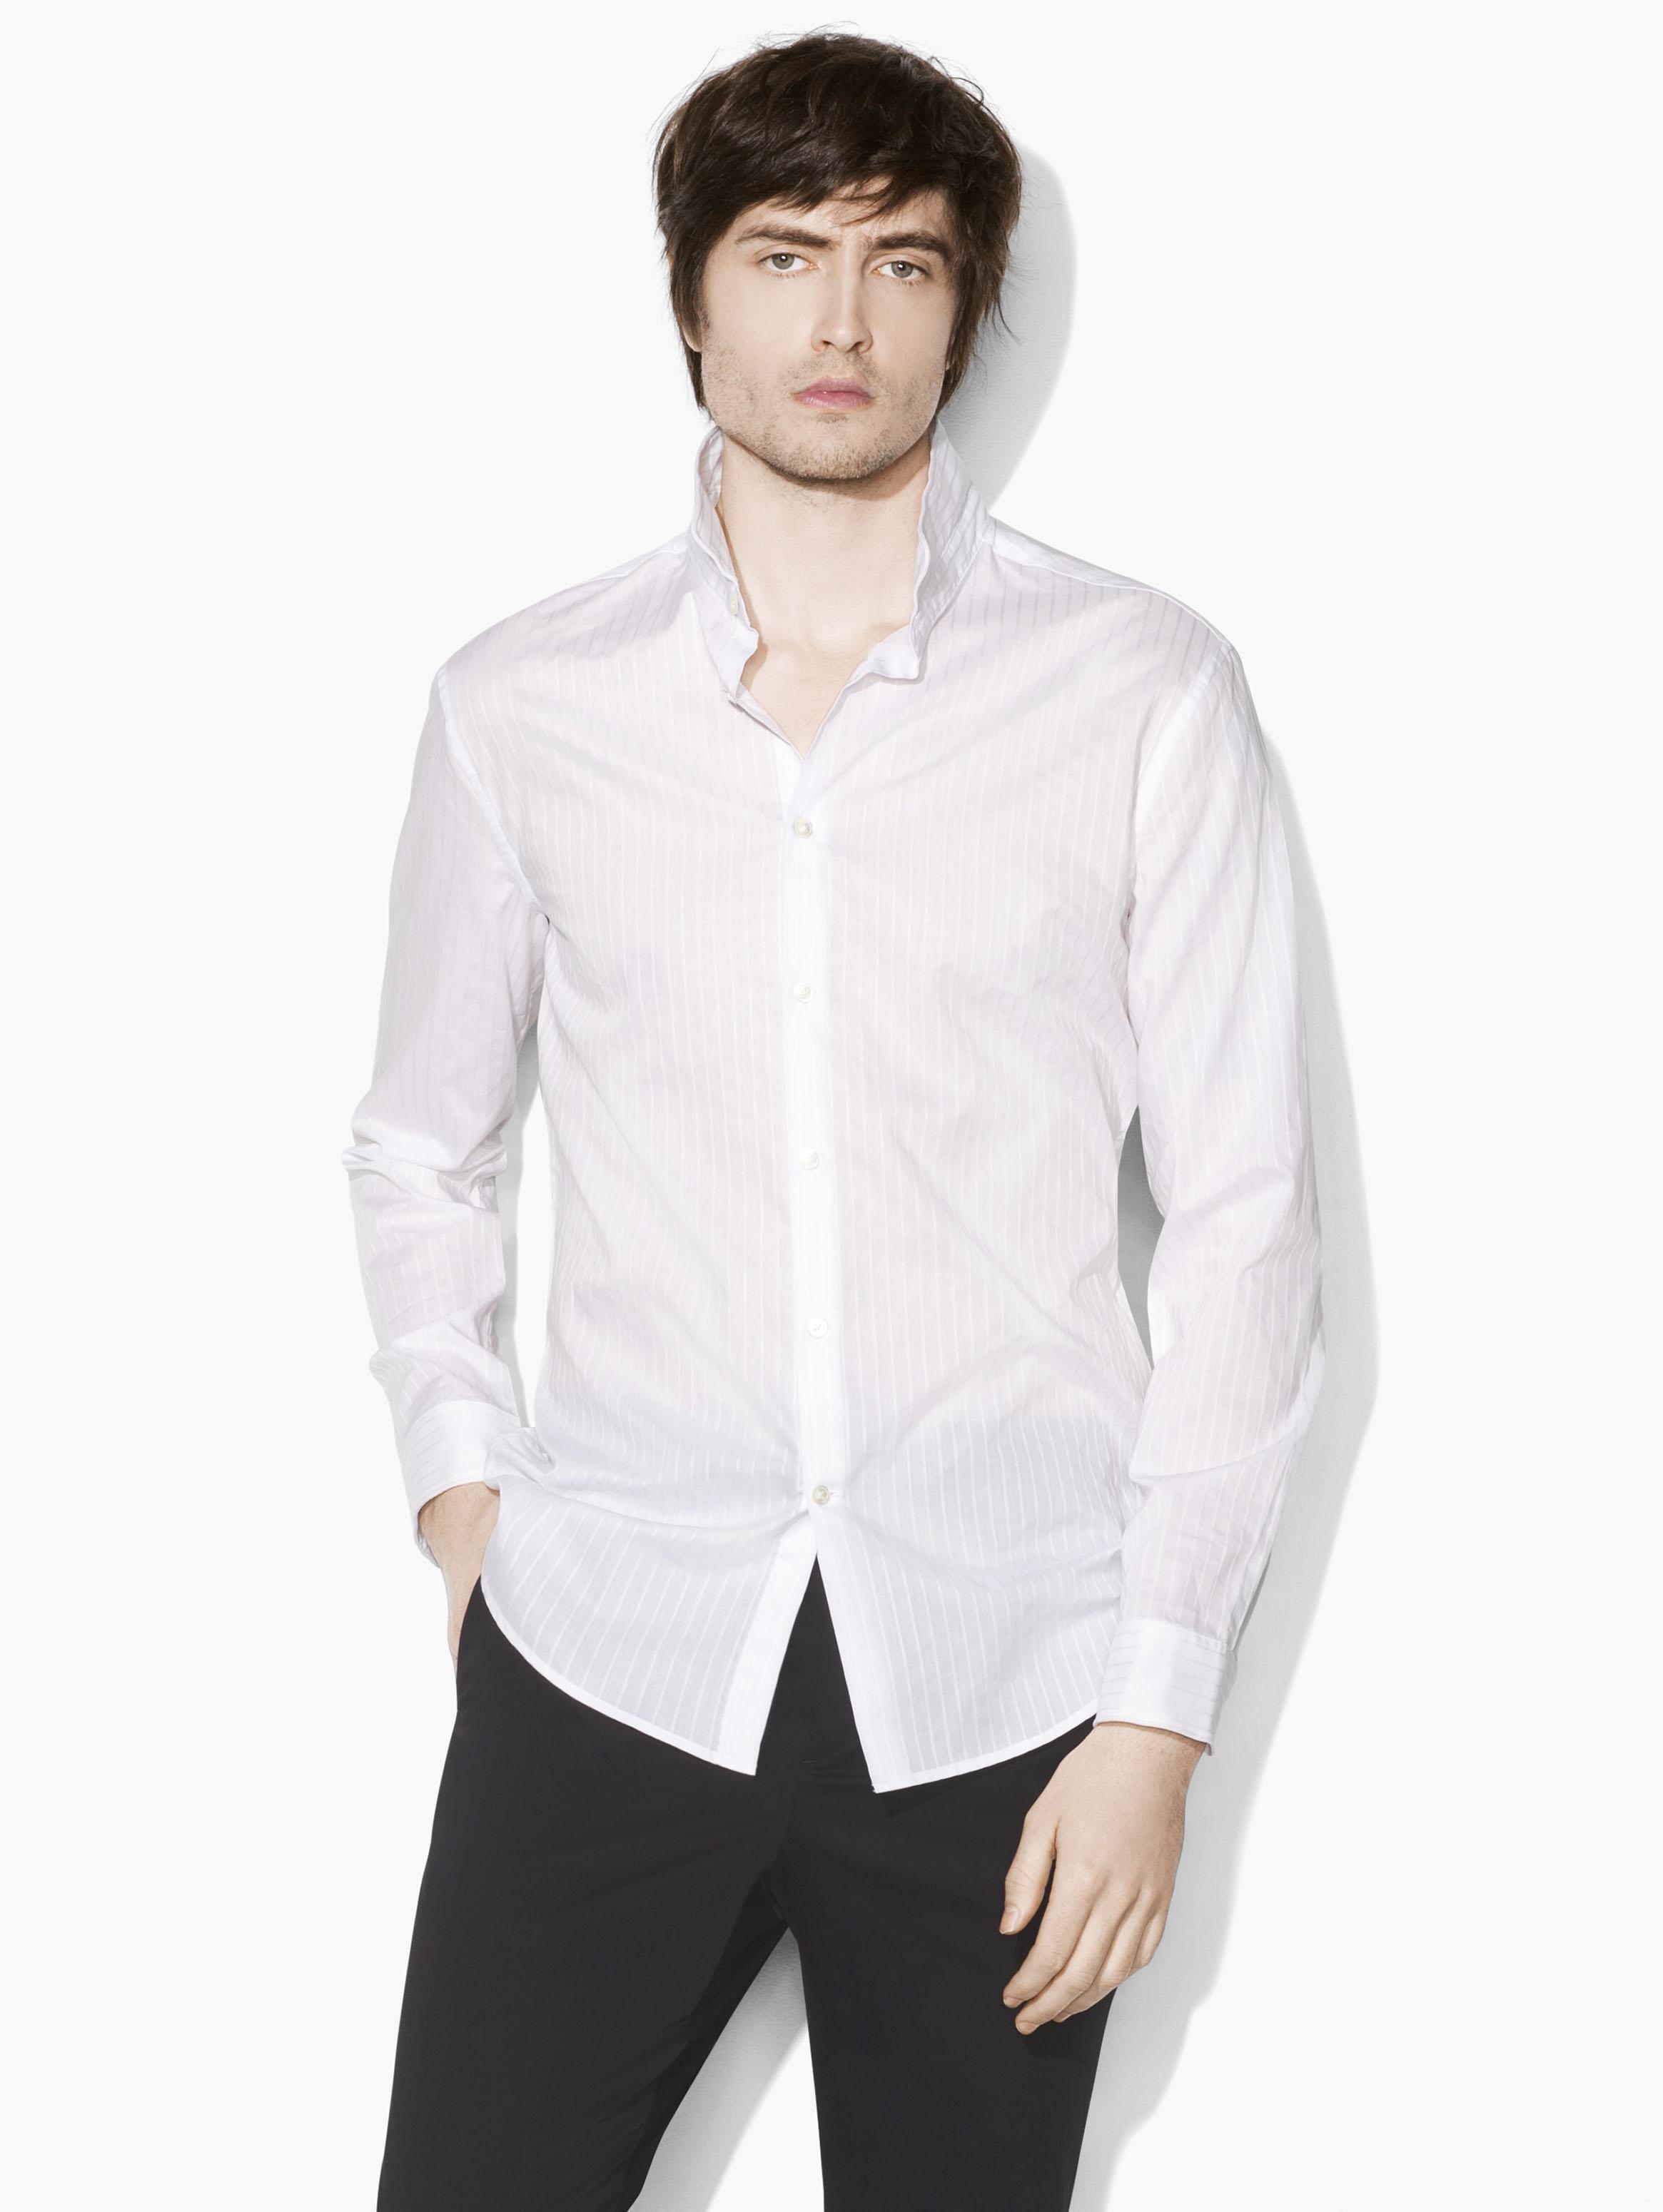 Wire Collar Shirt John Varvatos